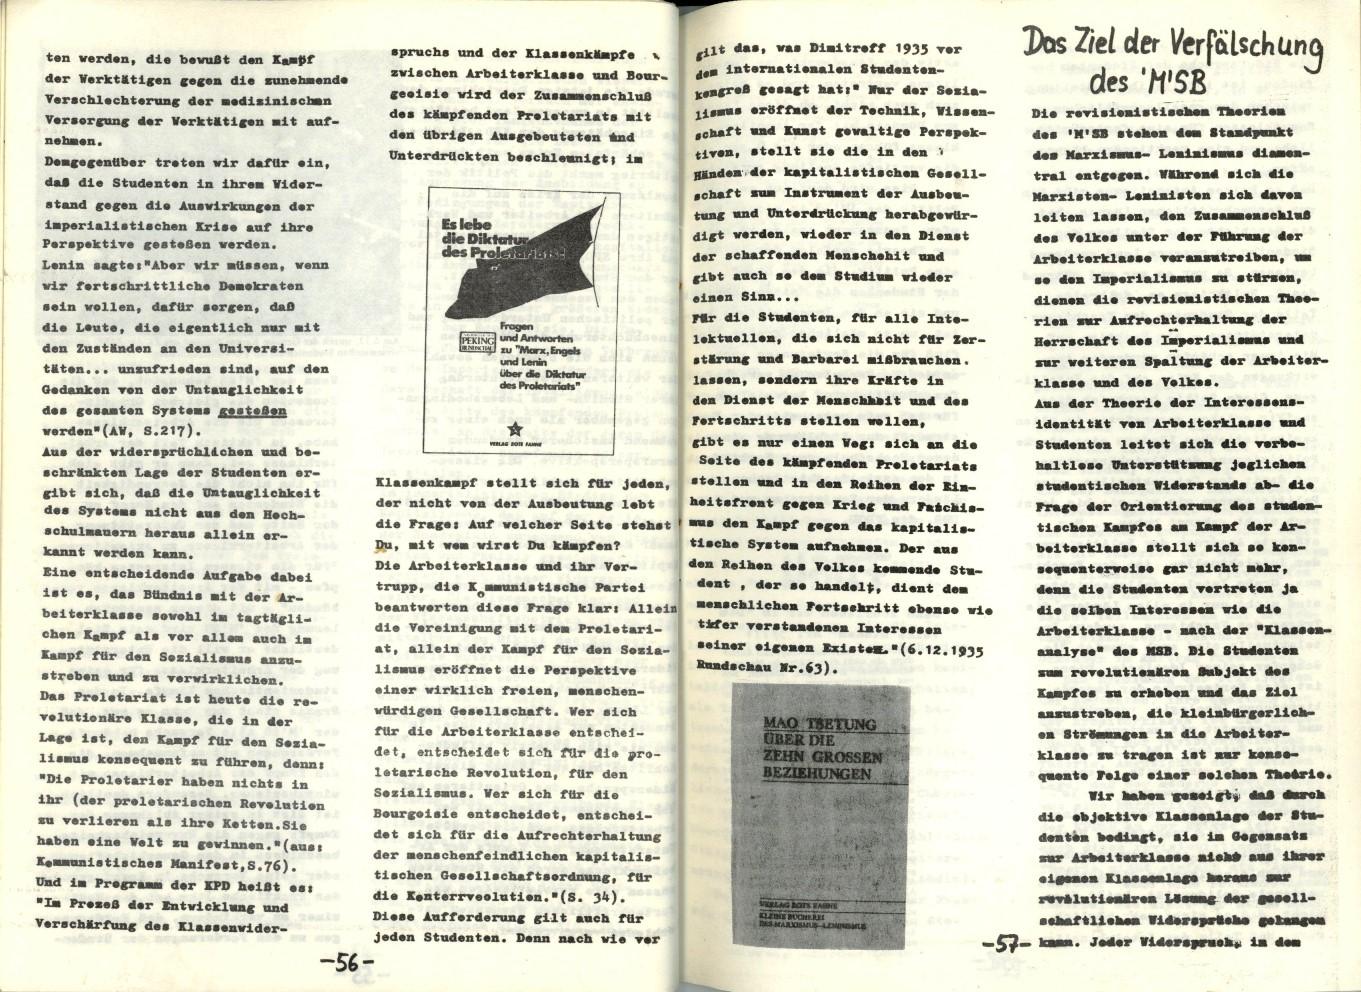 NRW_KSV_1977_Doku_zu_den_AStA_Wahlen_Nr_2_29